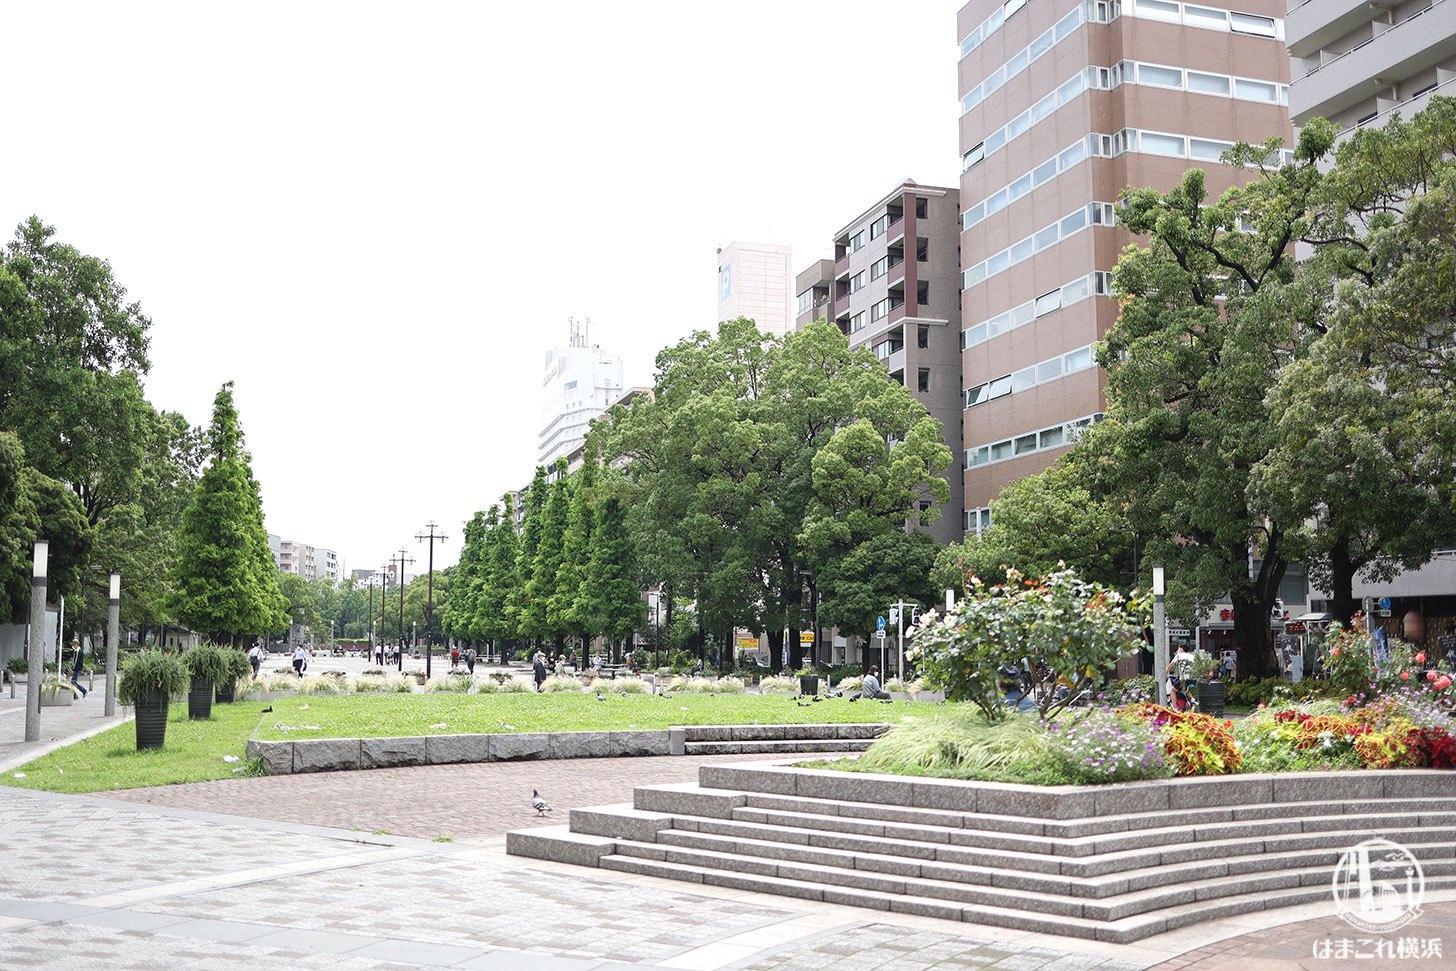 大通公園横浜の約1.2キロ散歩!石の広場や水の広場、自然も結構豊かなスポット